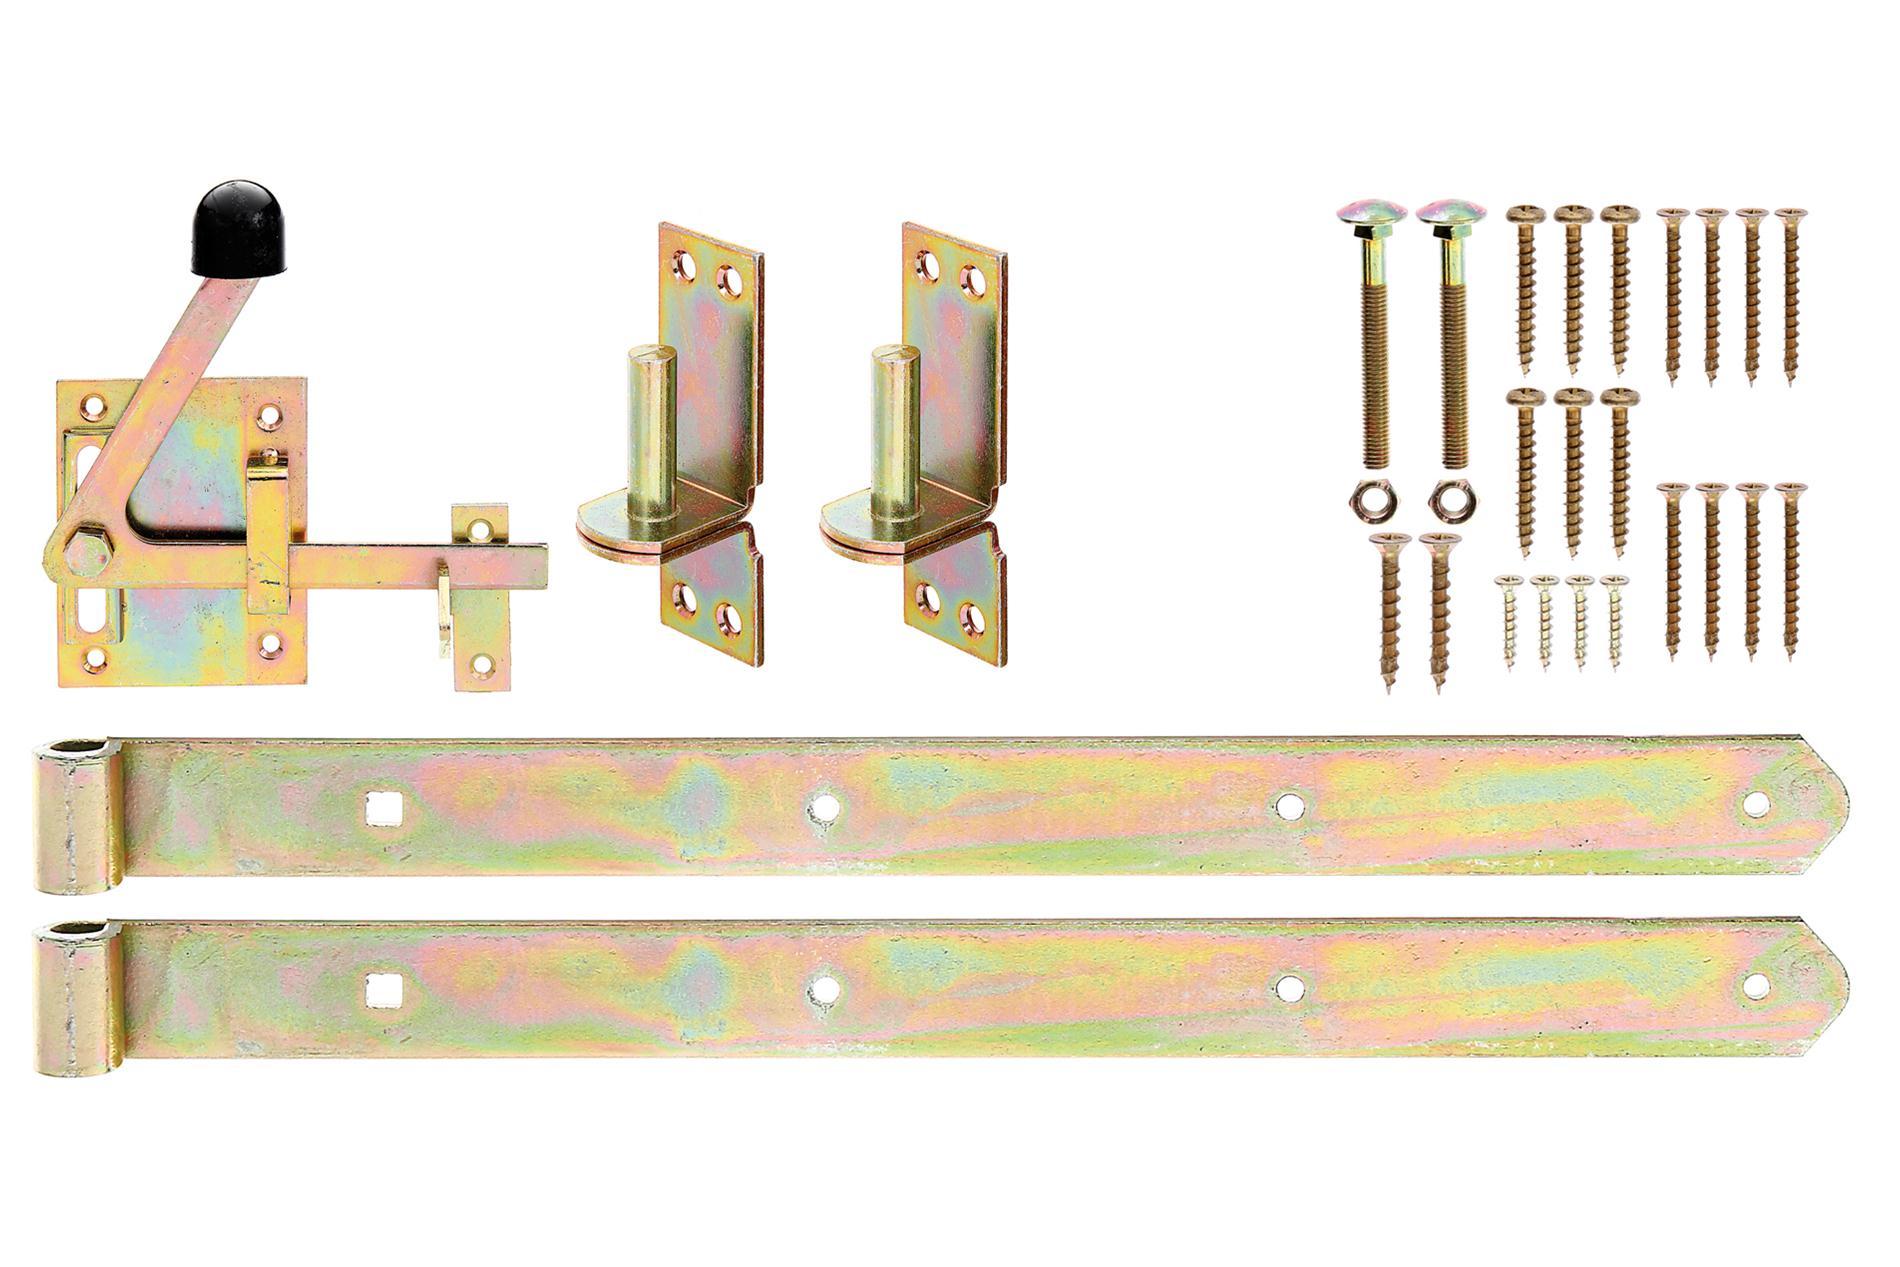 Beschlagset gelb-verzinkt, für genagelte Tore und Premium Tore - Bänder, Kloben, Verriegelung, Schrauben